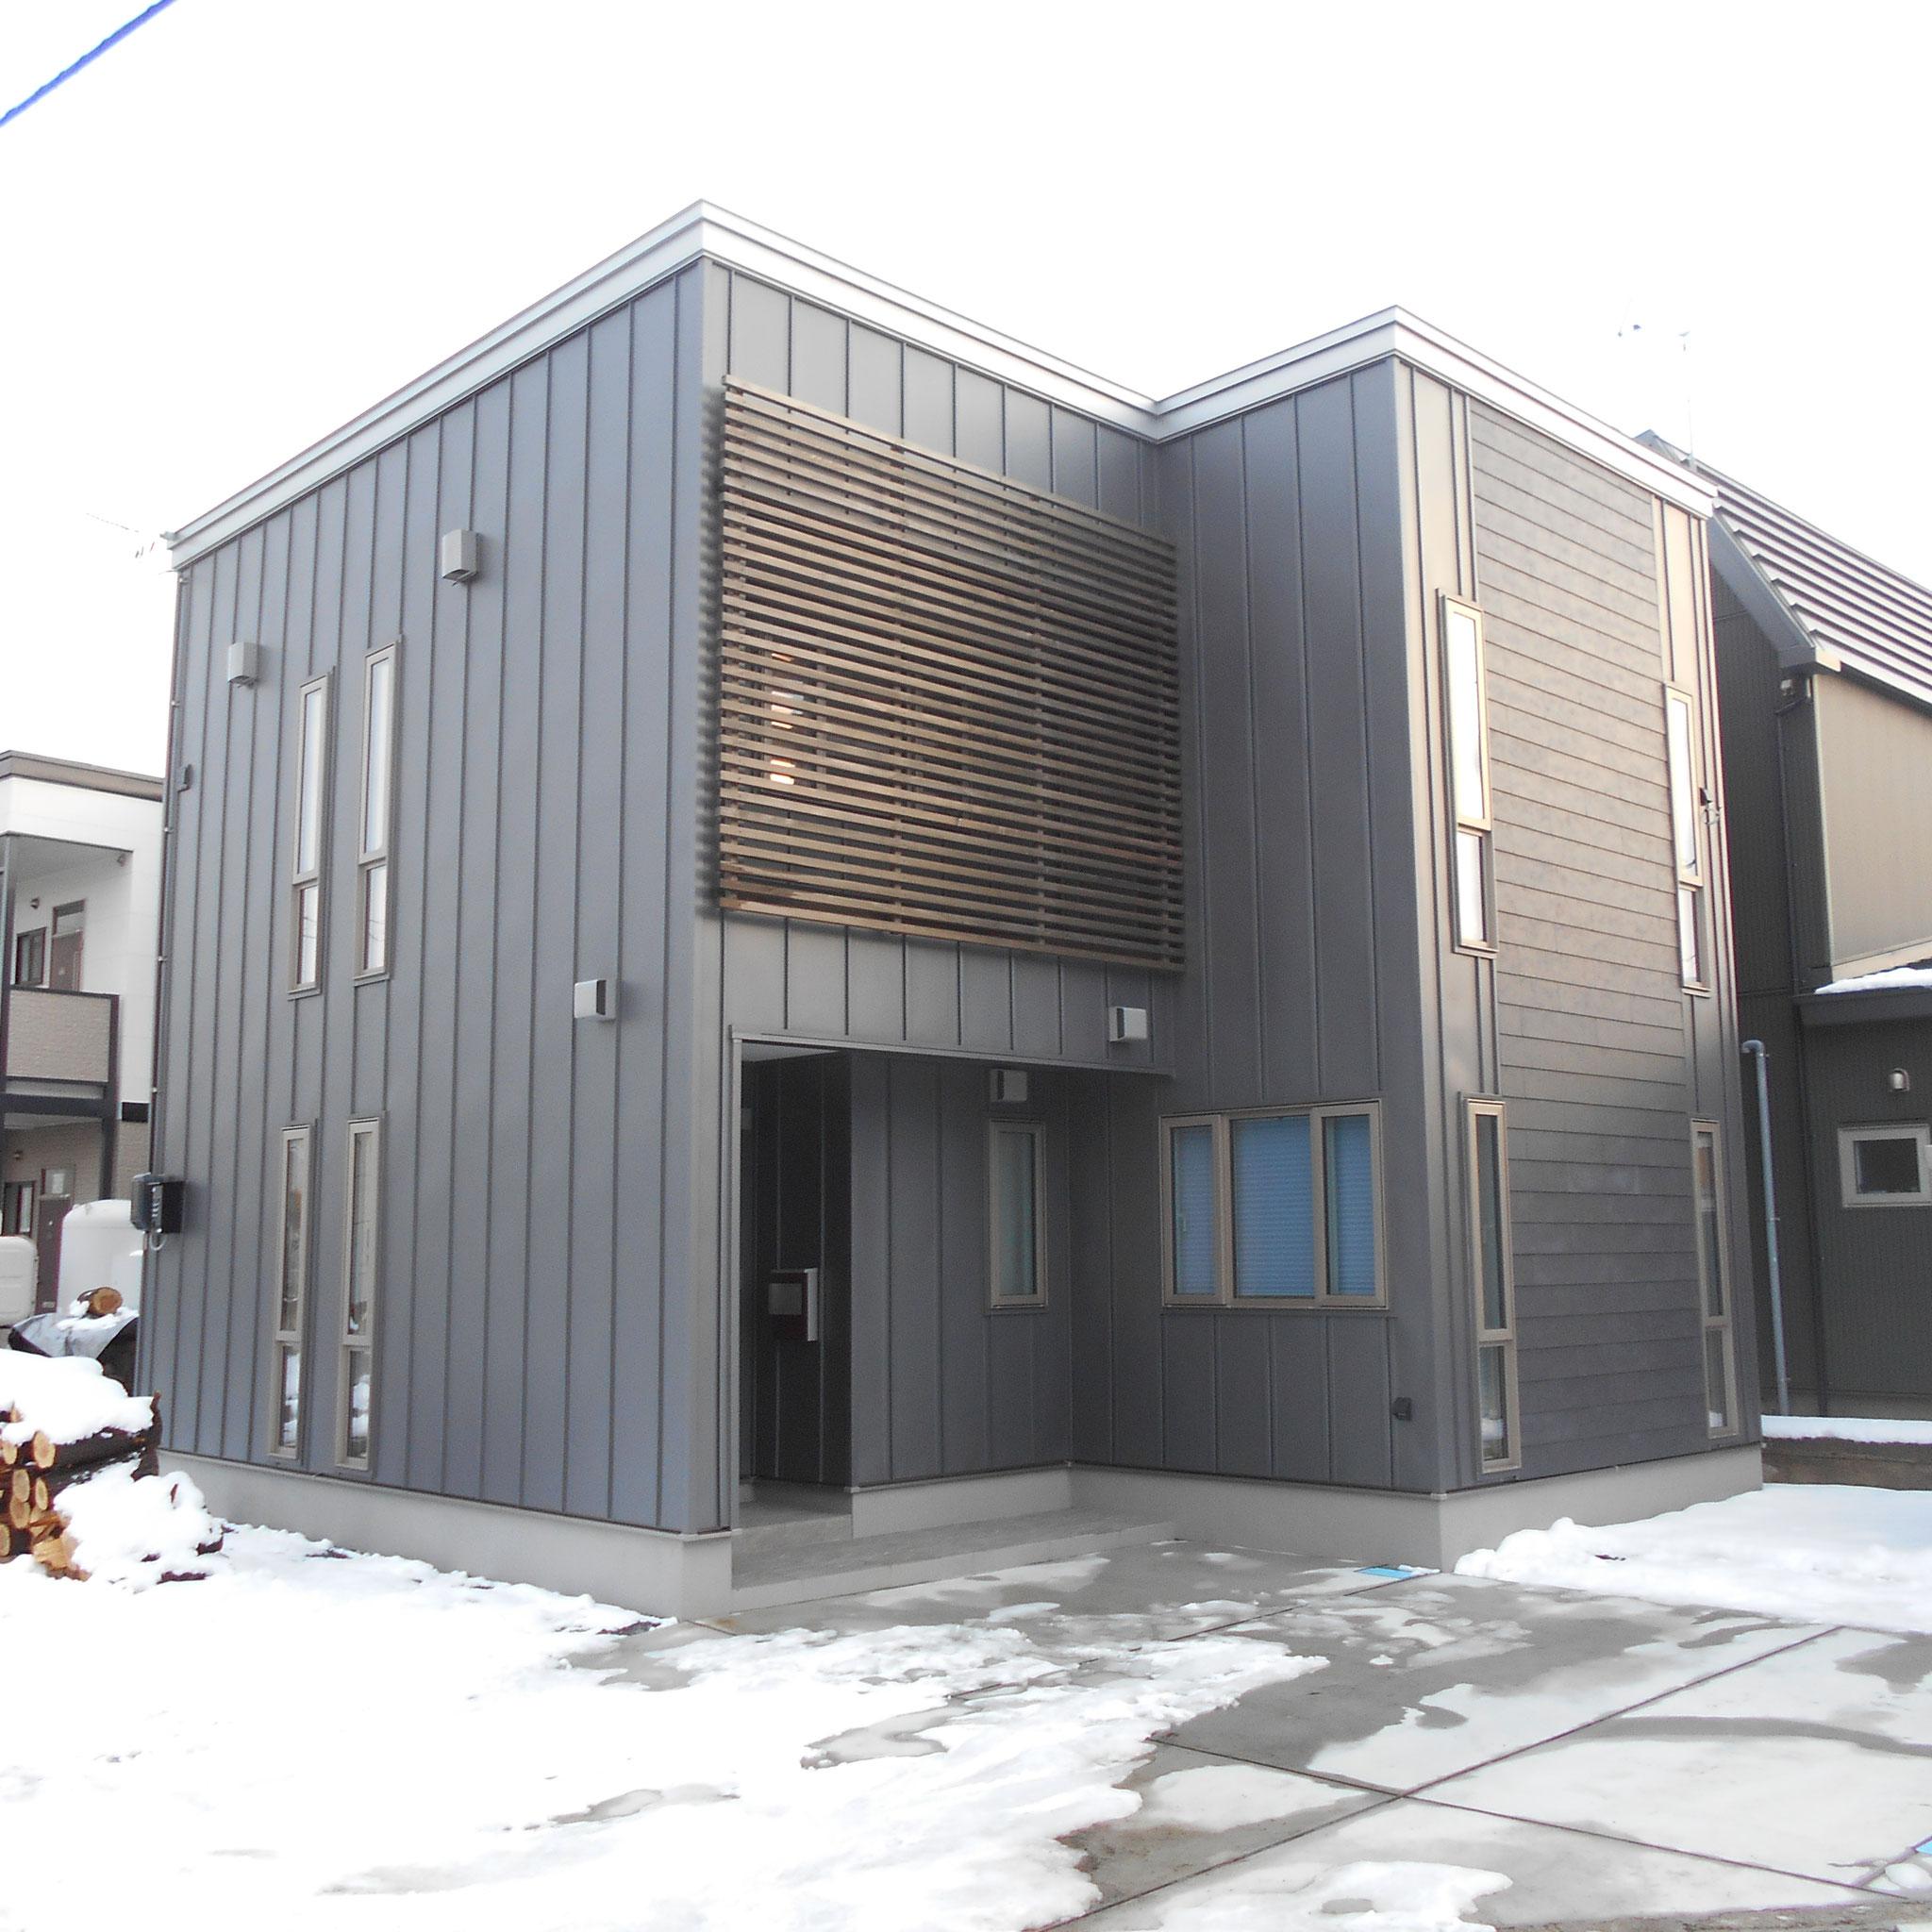 新築工事 設計監理:㈱稲見建築設計事務所 施工:㈲エス・ティ・ケー